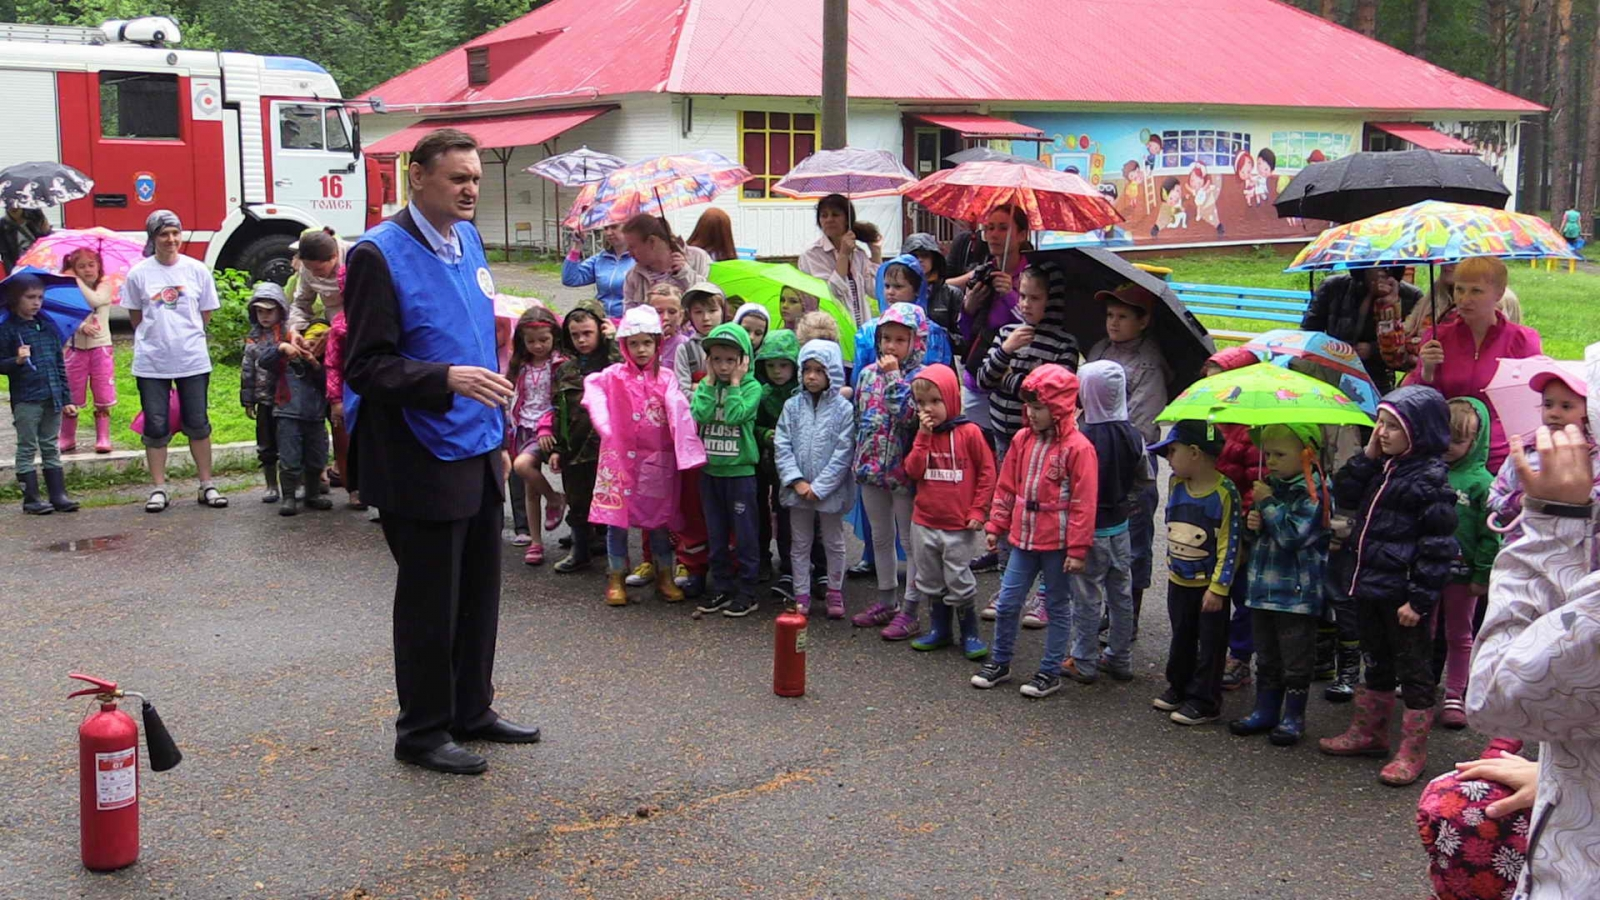 """День безопасности в детском оздоровительном лагере """"Лукоморье"""", 9 июня 2015 года"""